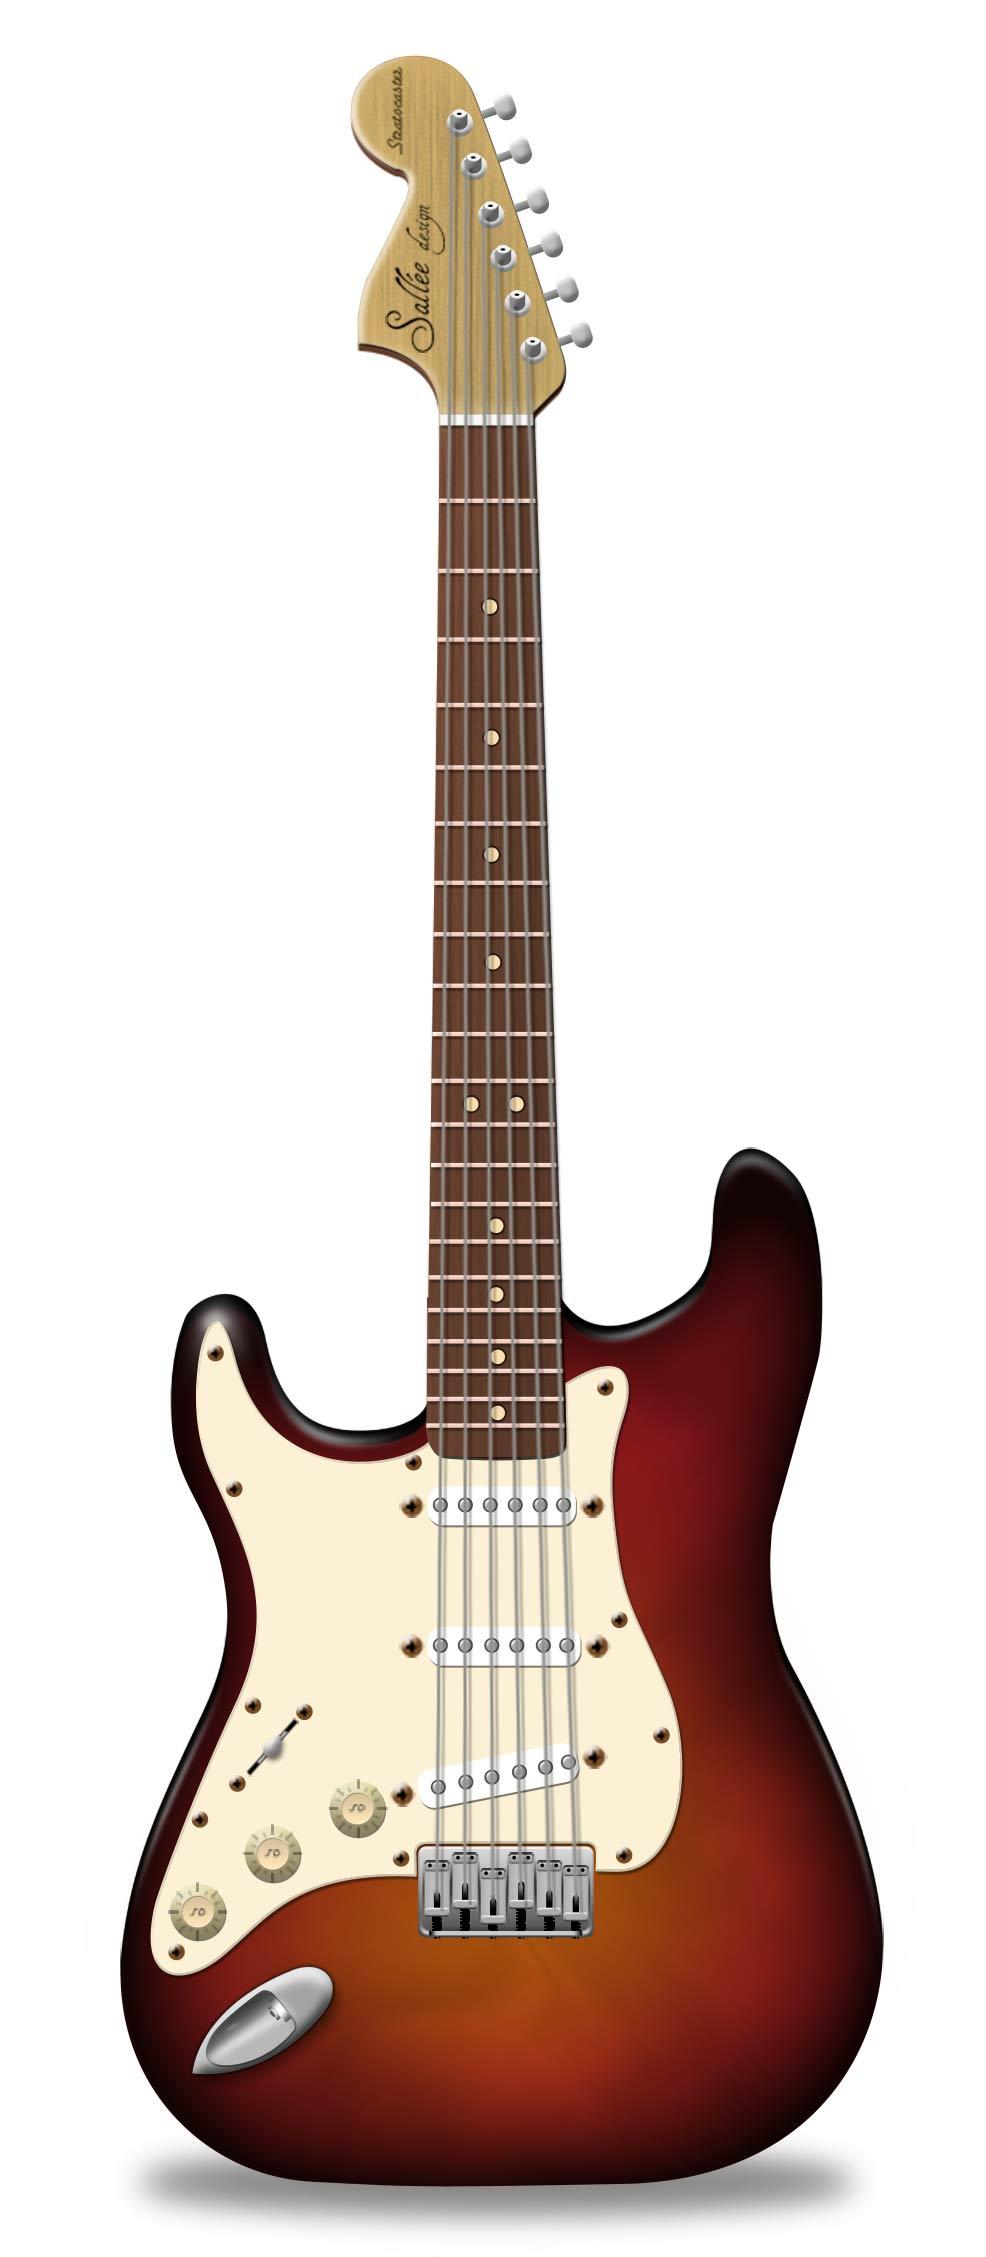 Ilustración gratis - Ilustración de una guitarra con notas musicales